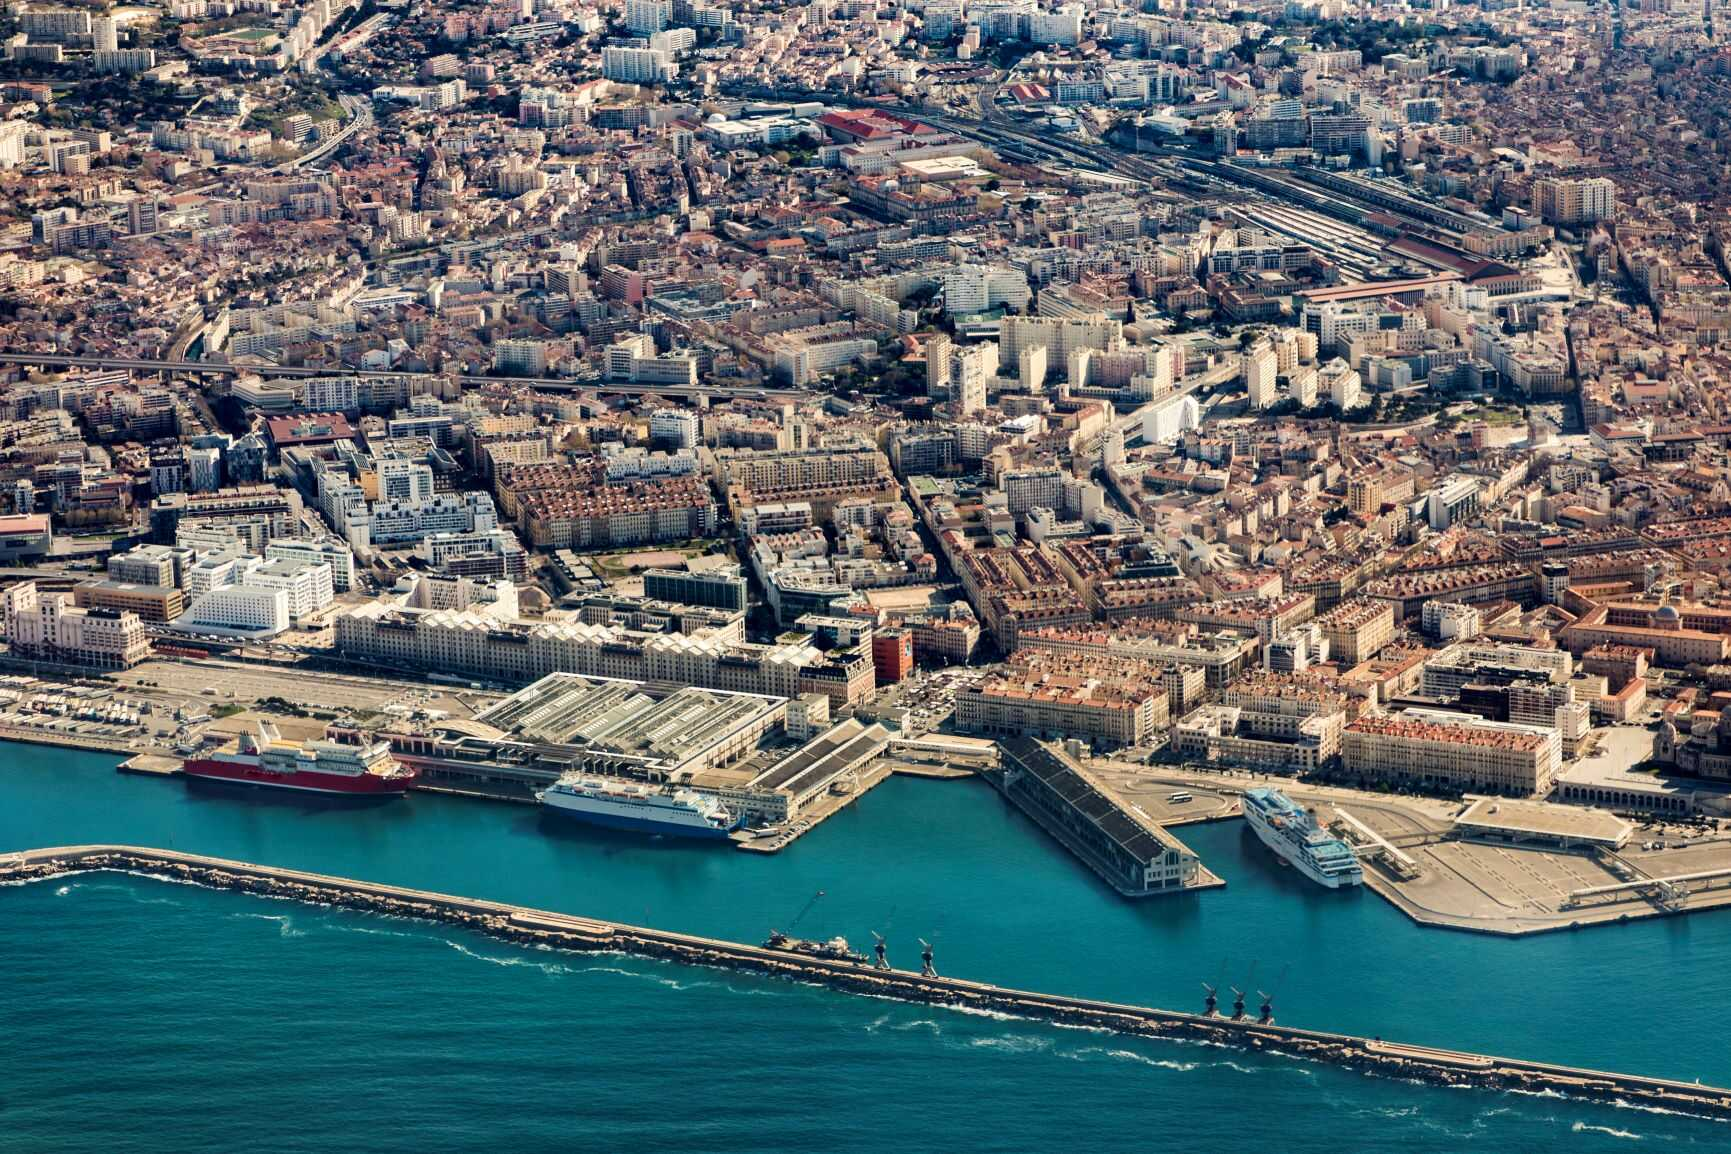 Accompagner le développement du Grand Port Maritime de Marseille